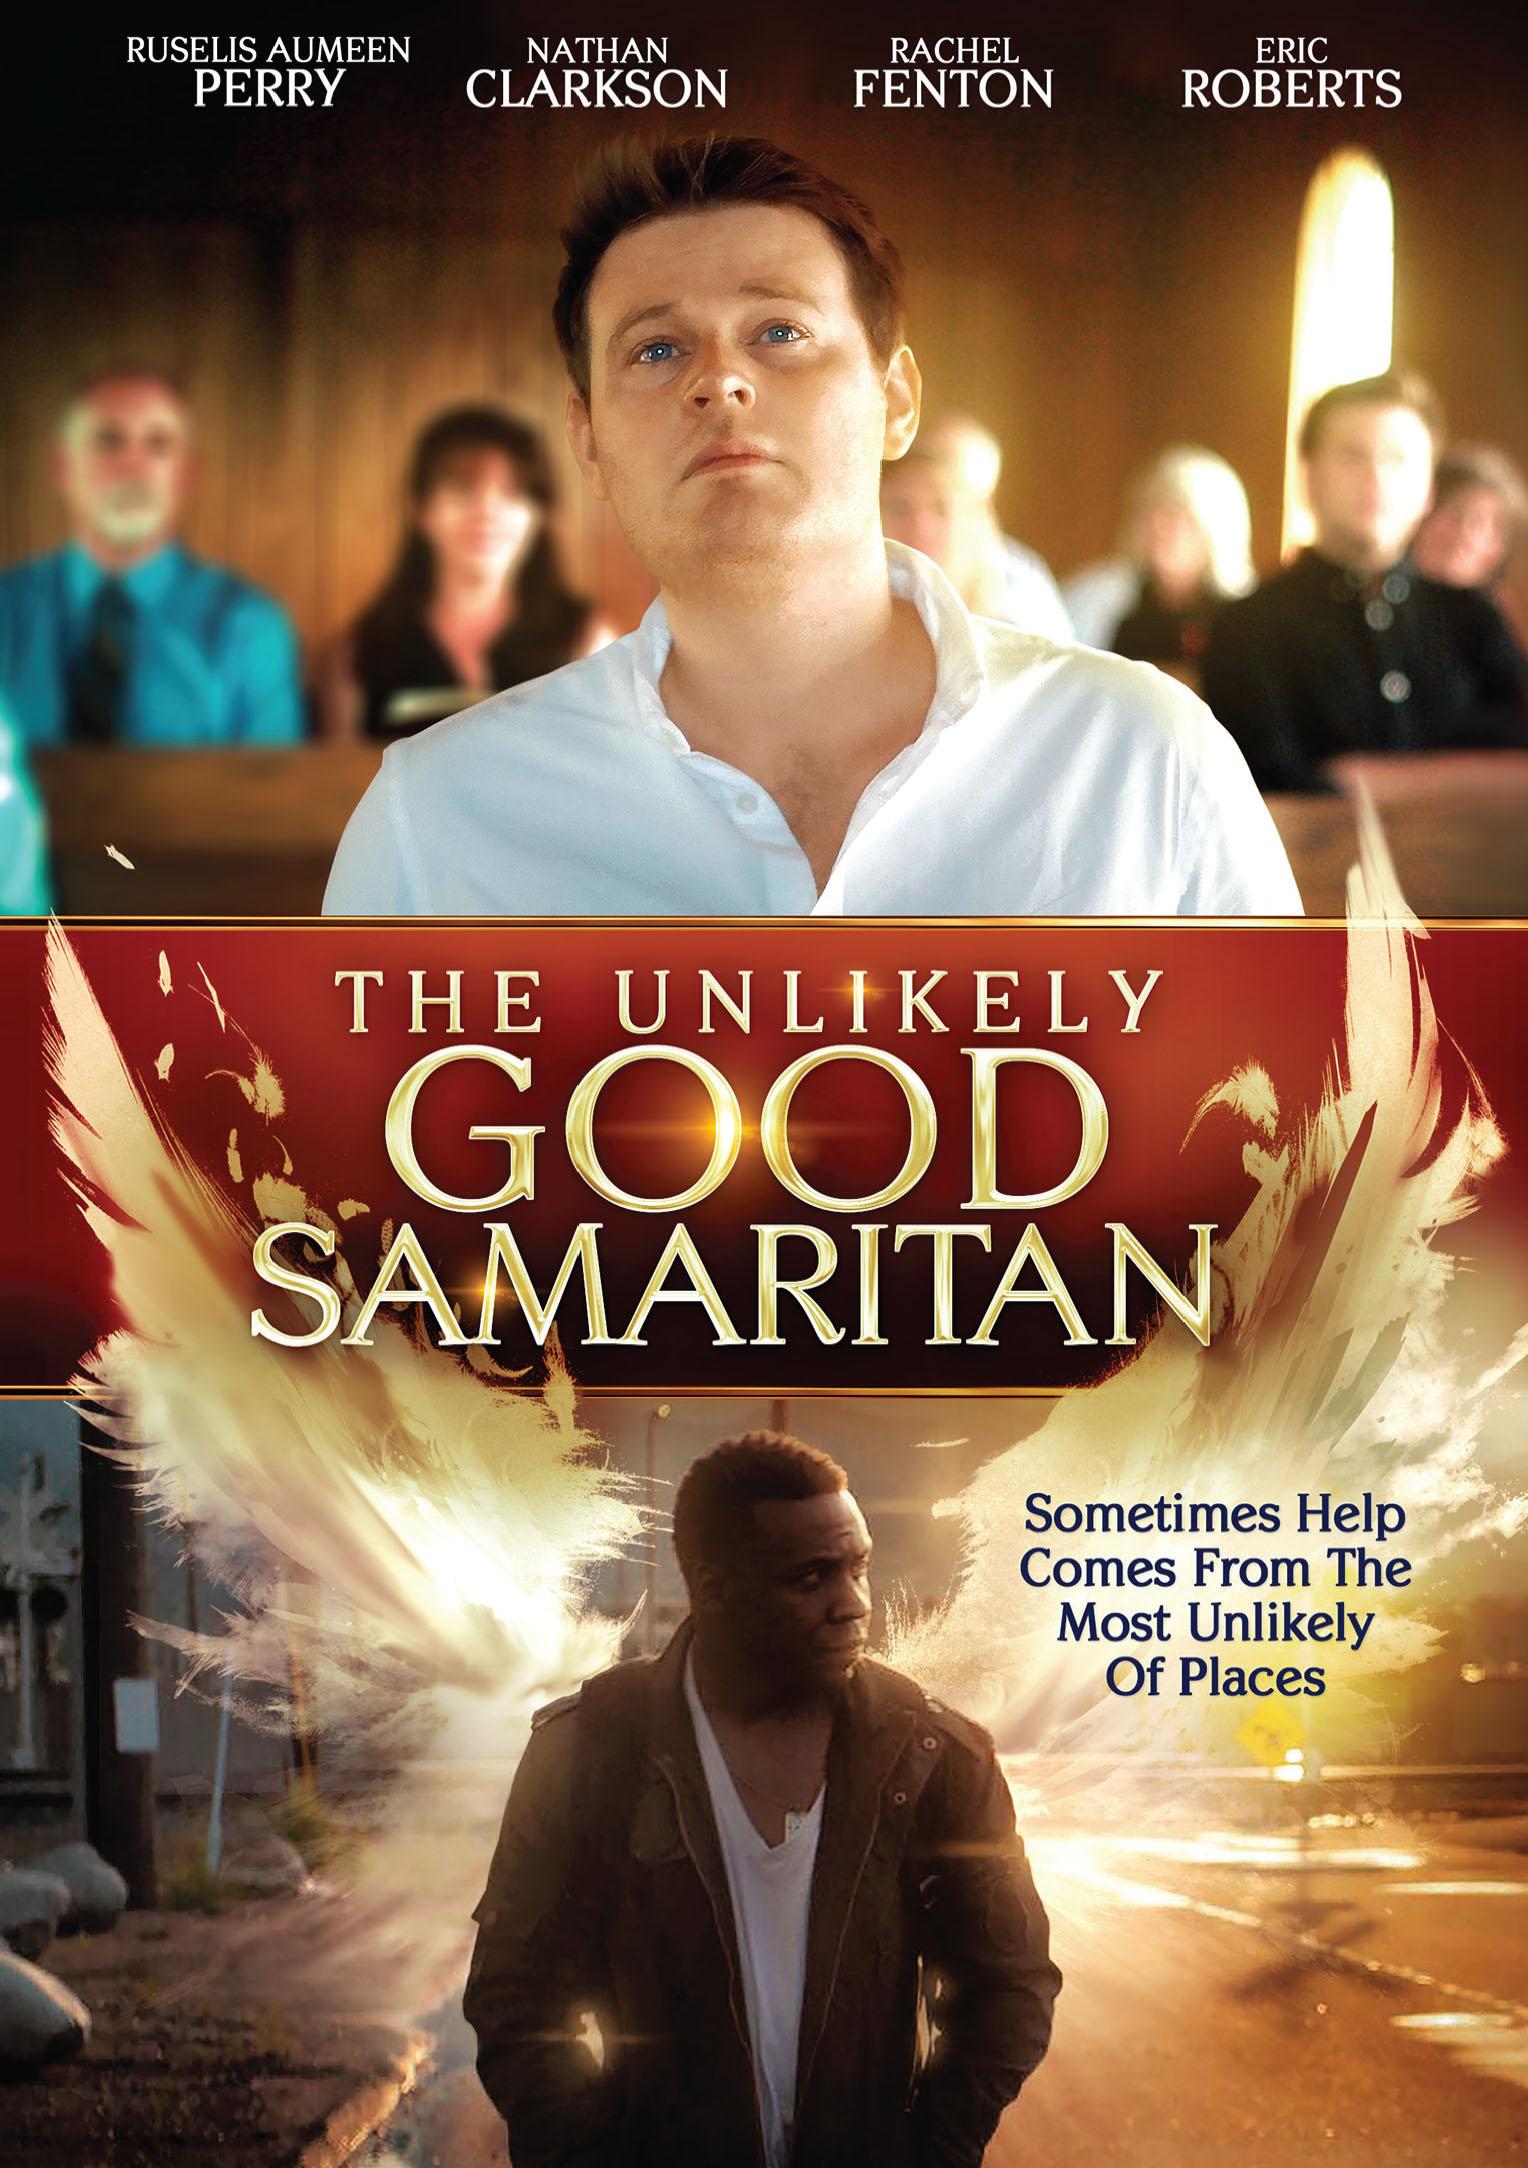 aa2e622aa8cc The Unlikely Good Samaritan (2019) - IMDb